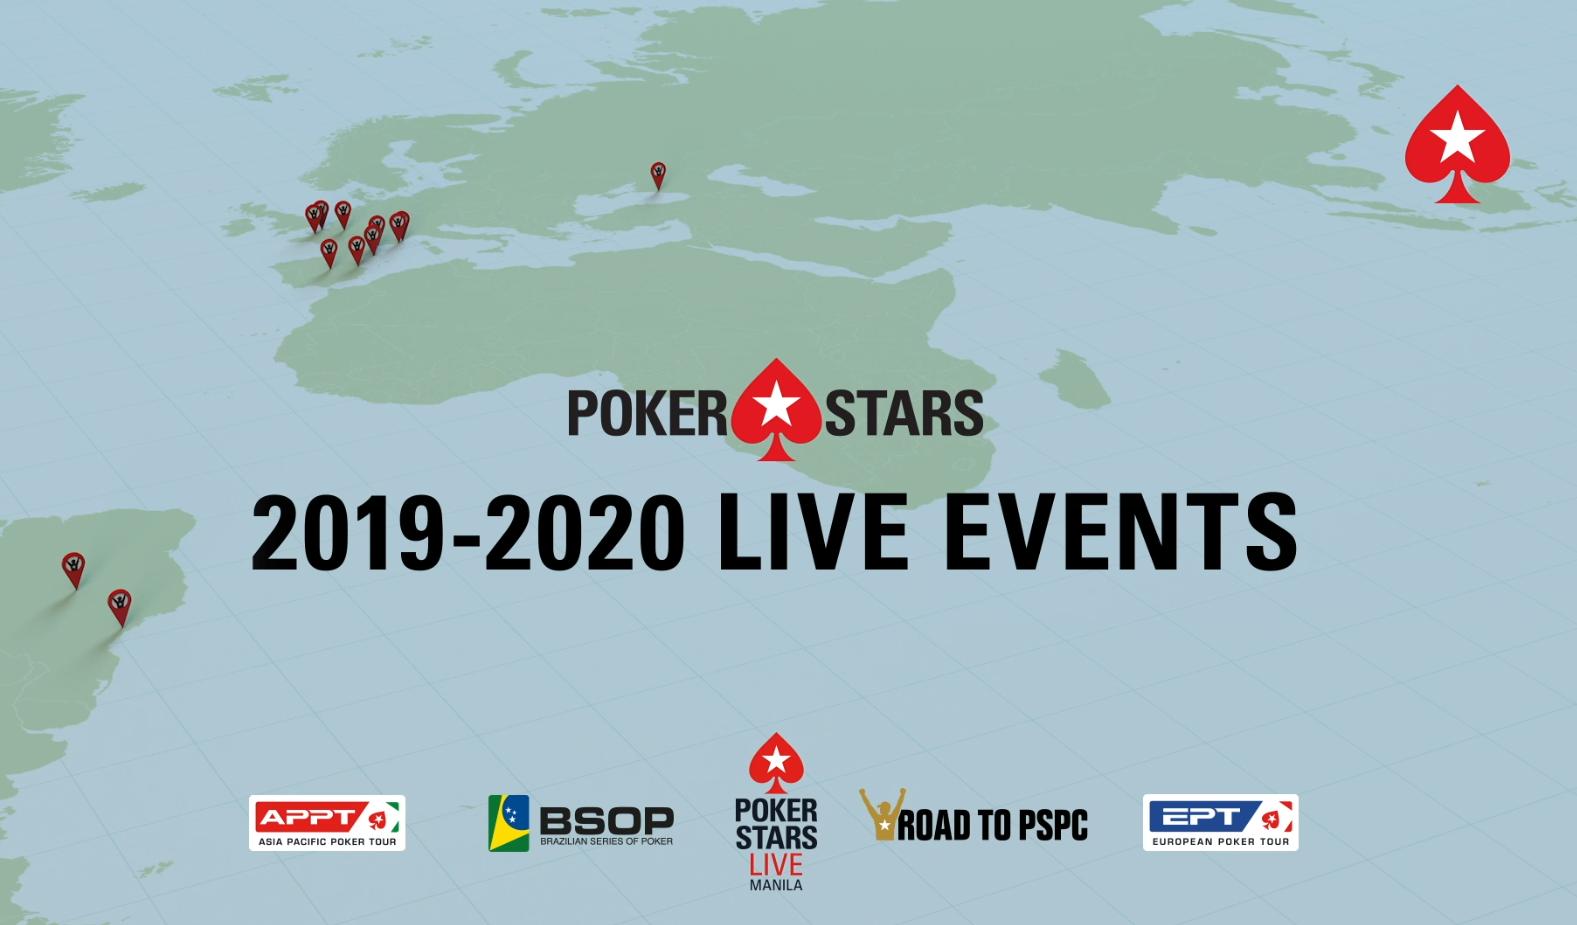 Tournoi Poker France 2020